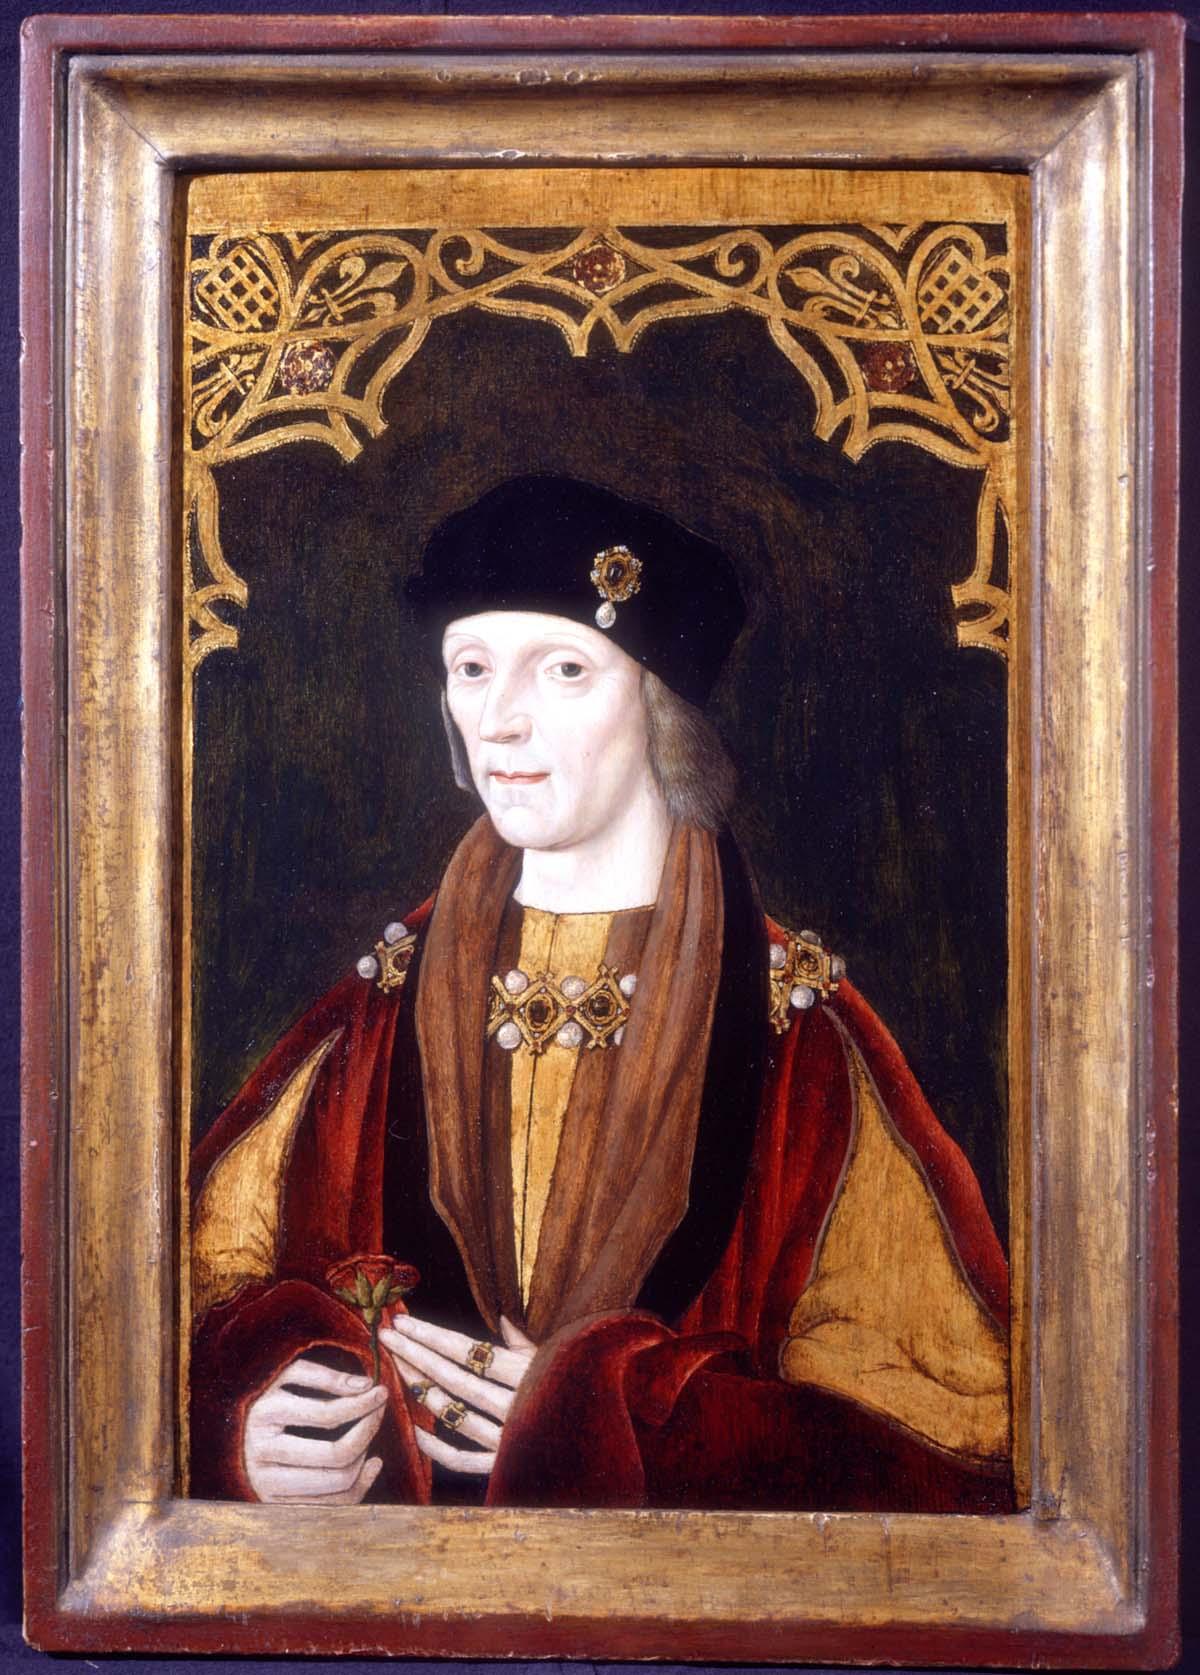 a portrait of Tudor king Henry VII wearing a black felt hat